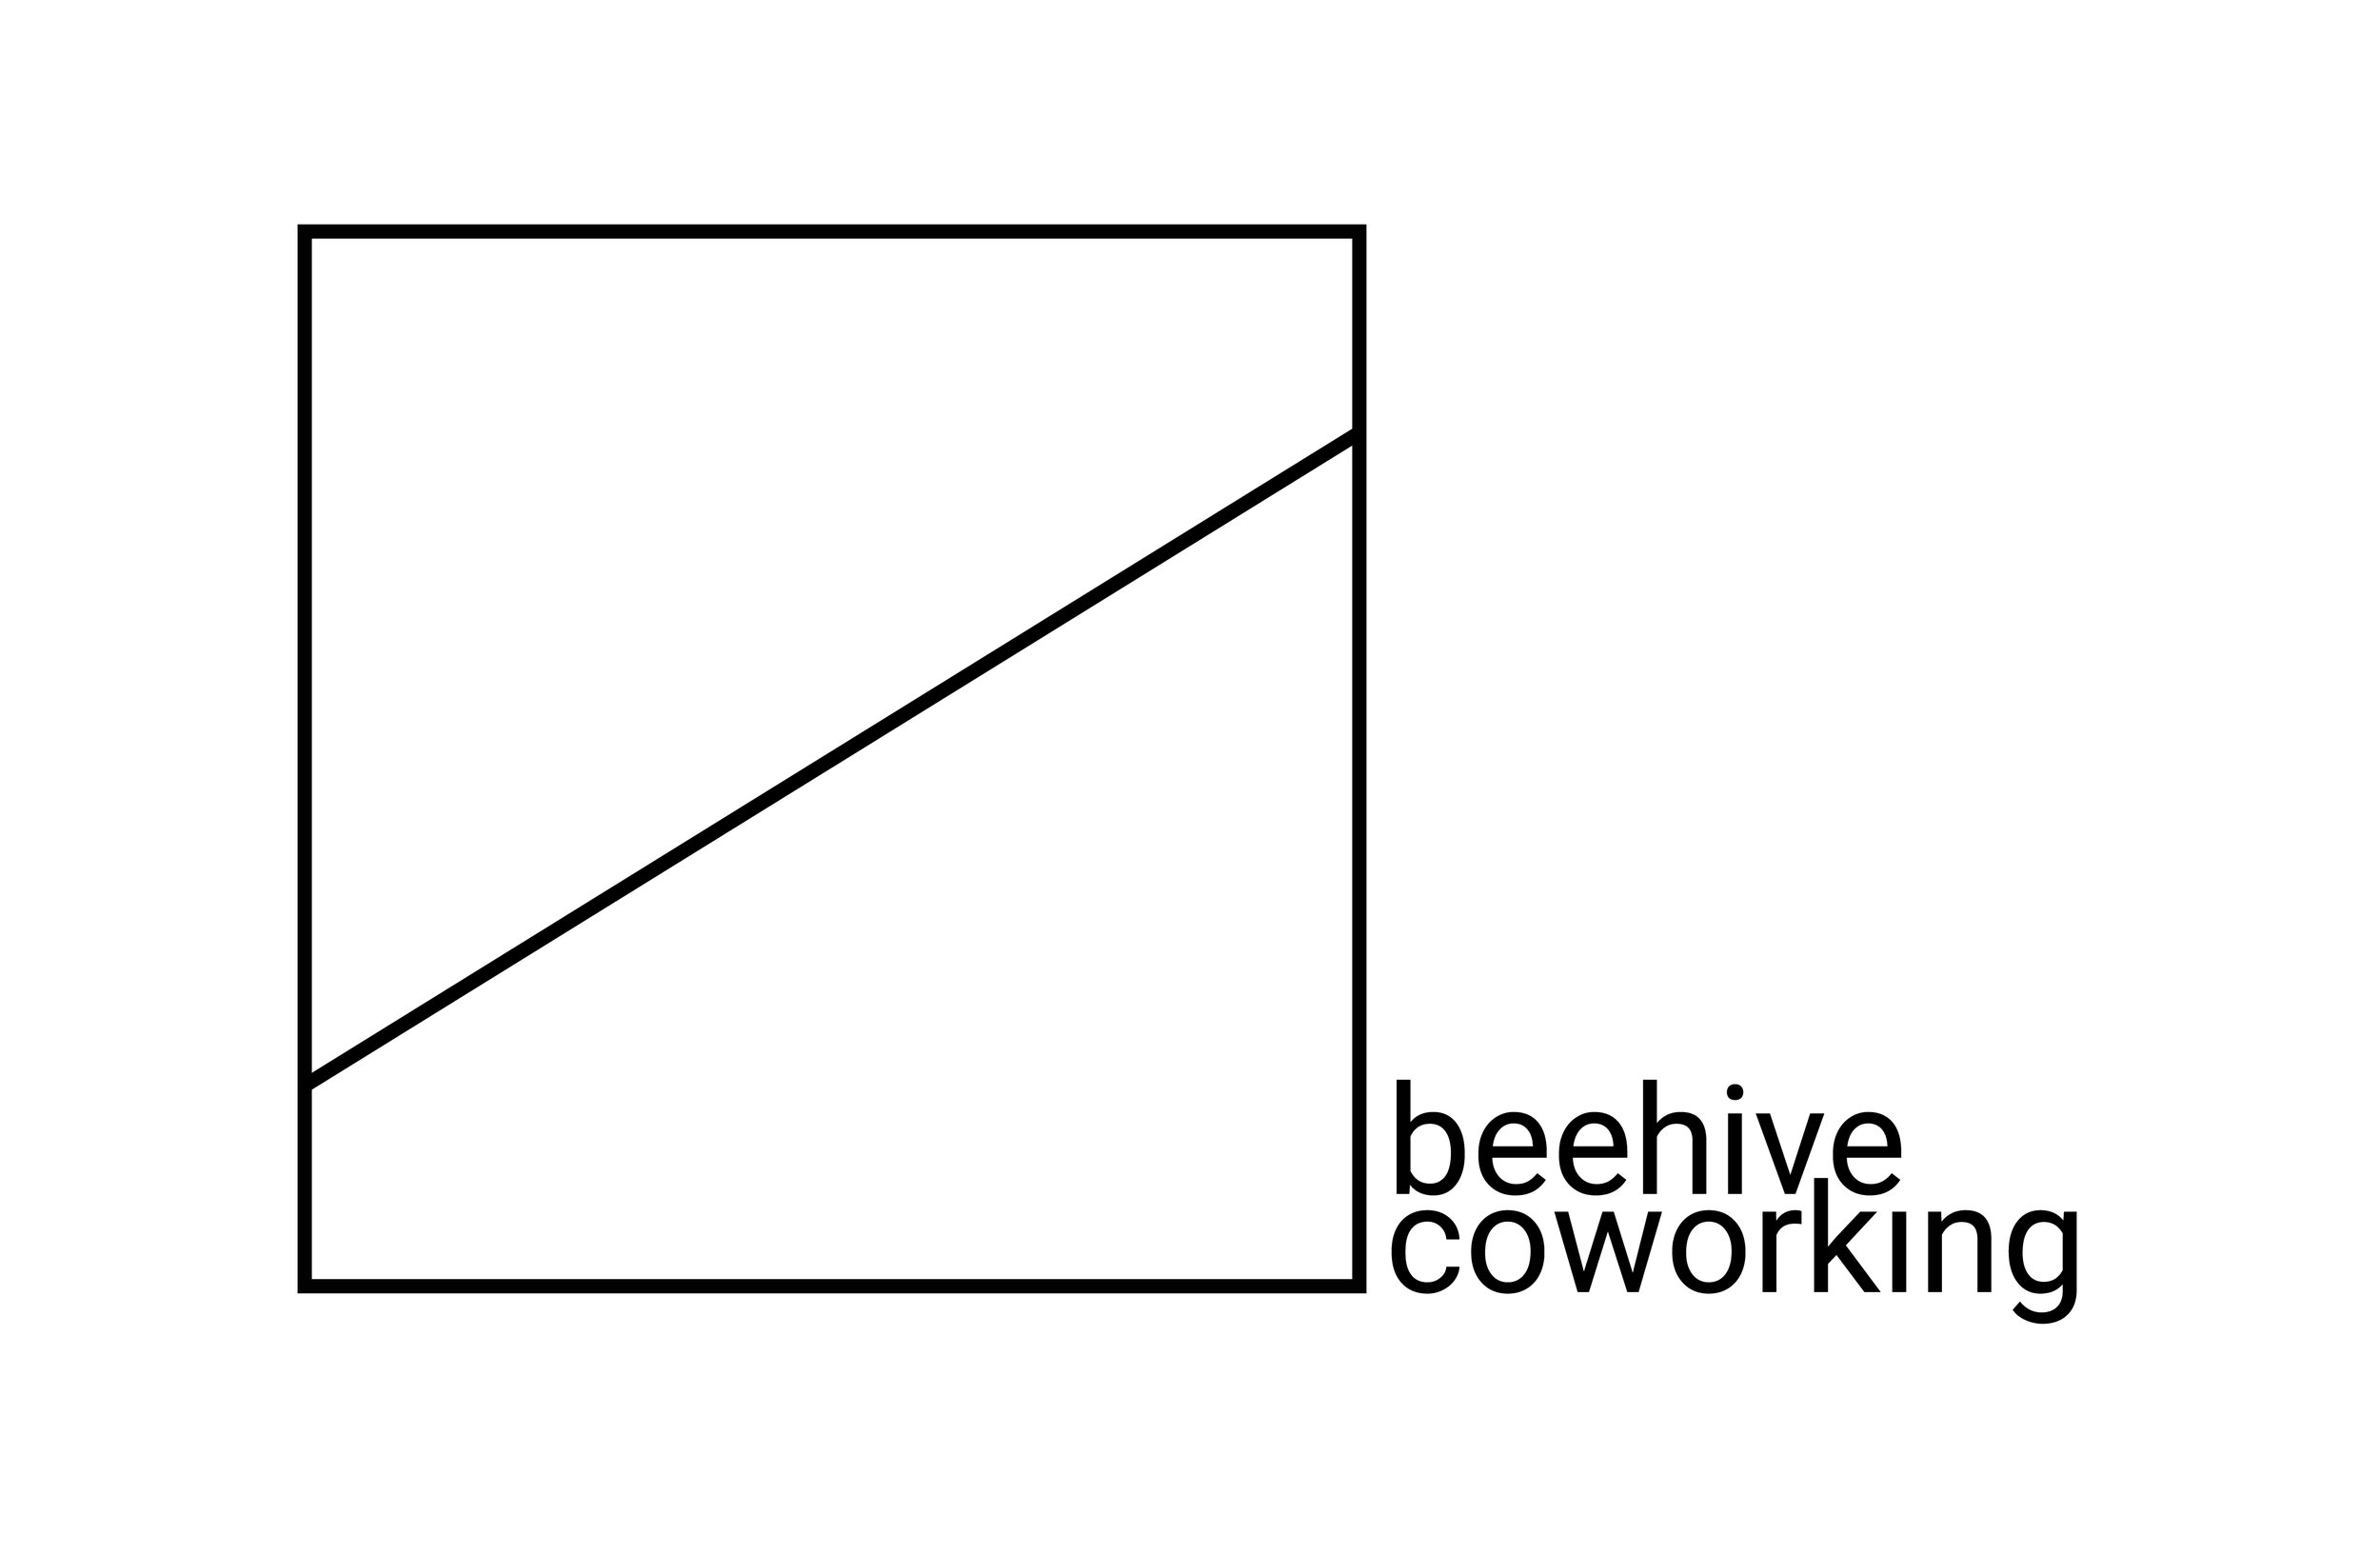 BeehiveCoworking-Logo-Black-large.jpg